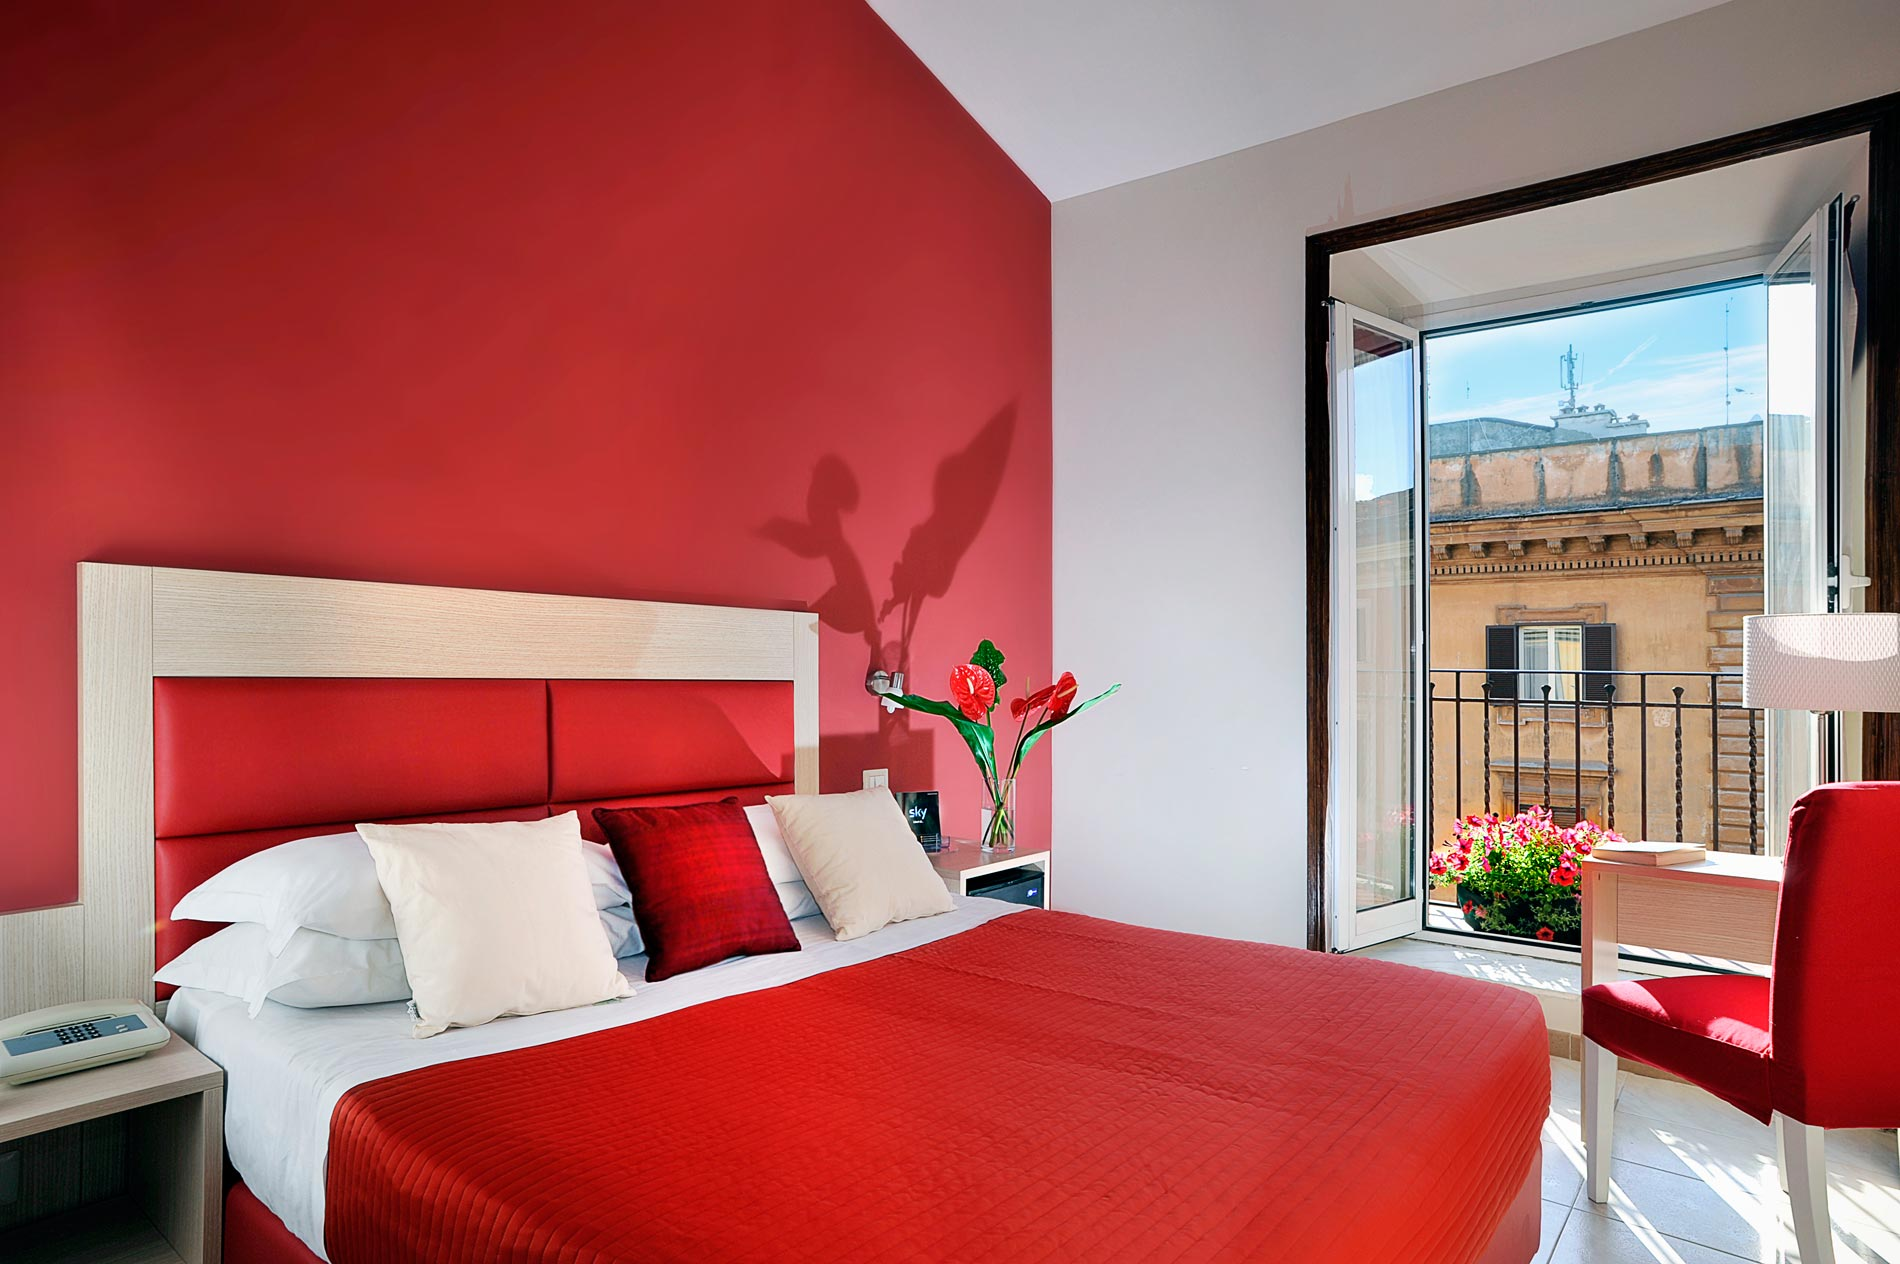 chambre double hôtel rome - chambre double rome - chambre hôtel